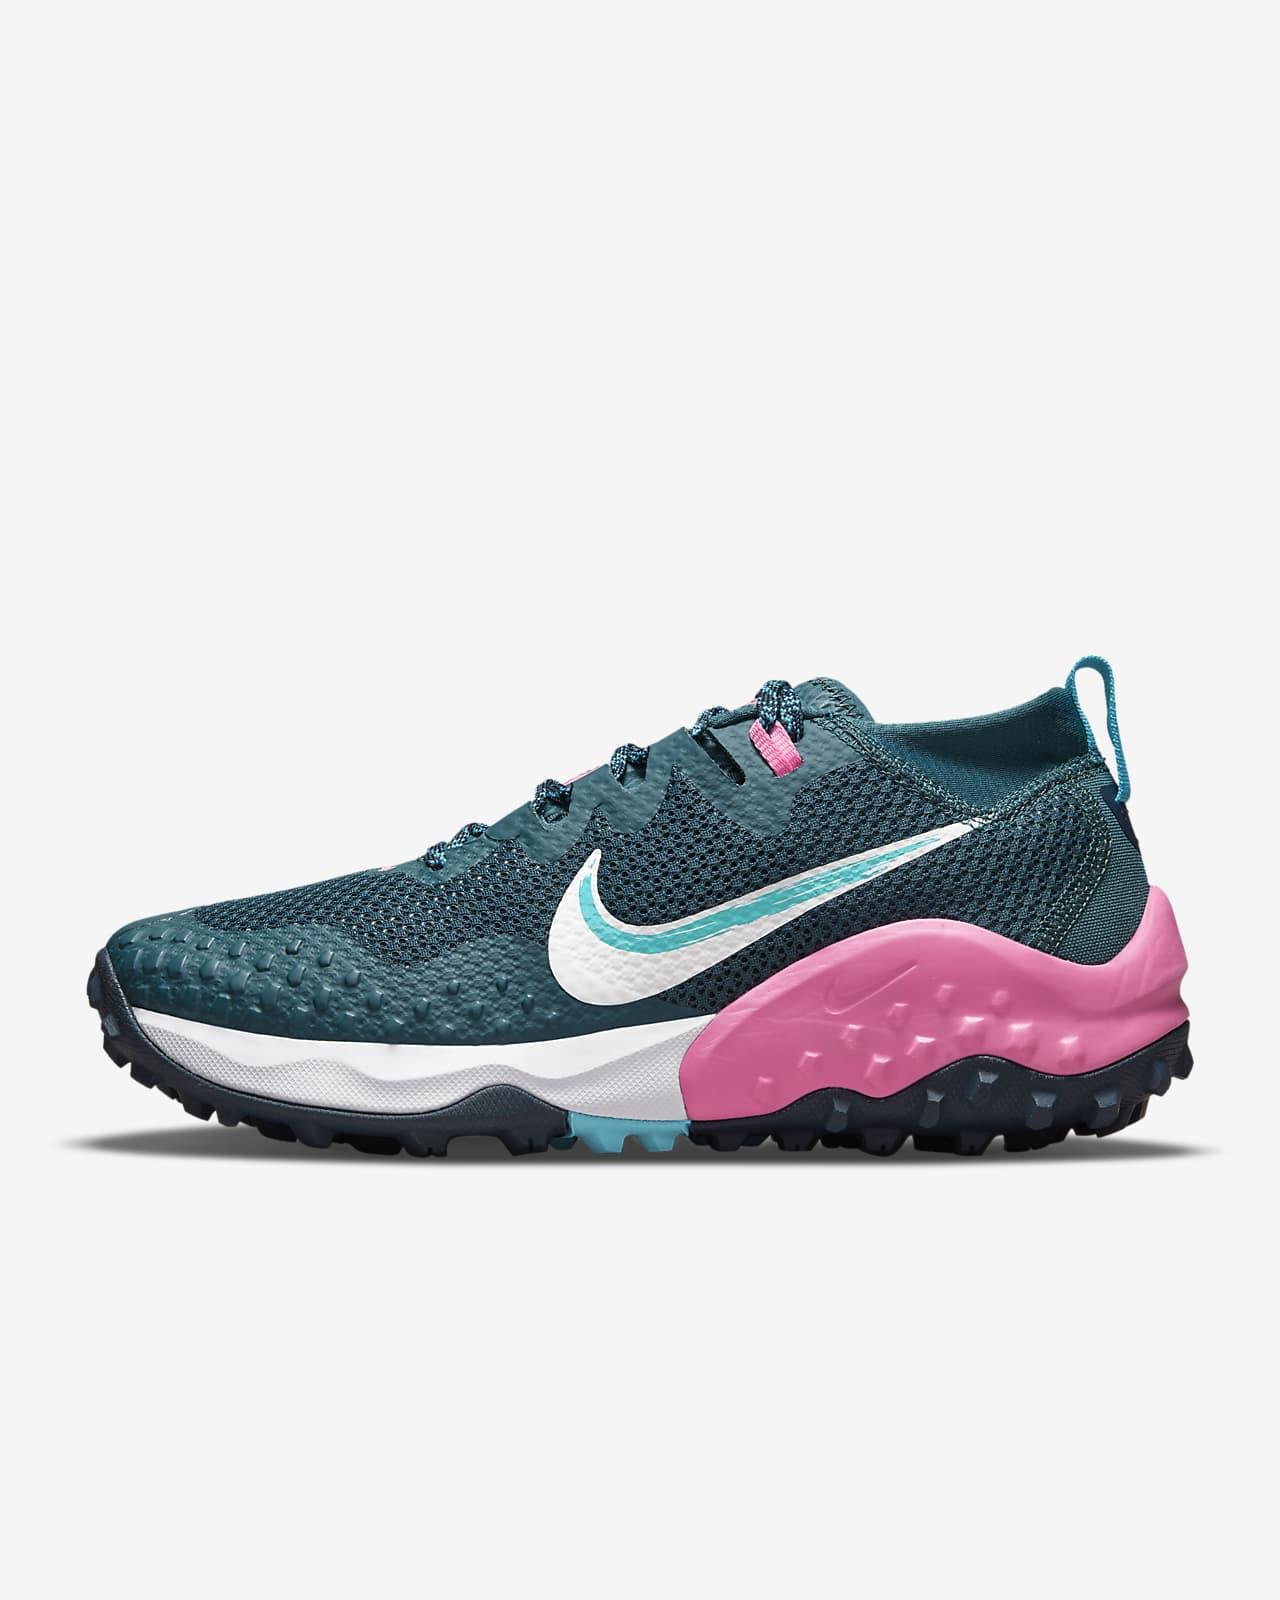 รองเท้าวิ่งเทรลผู้หญิง Nike Wildhorse 7